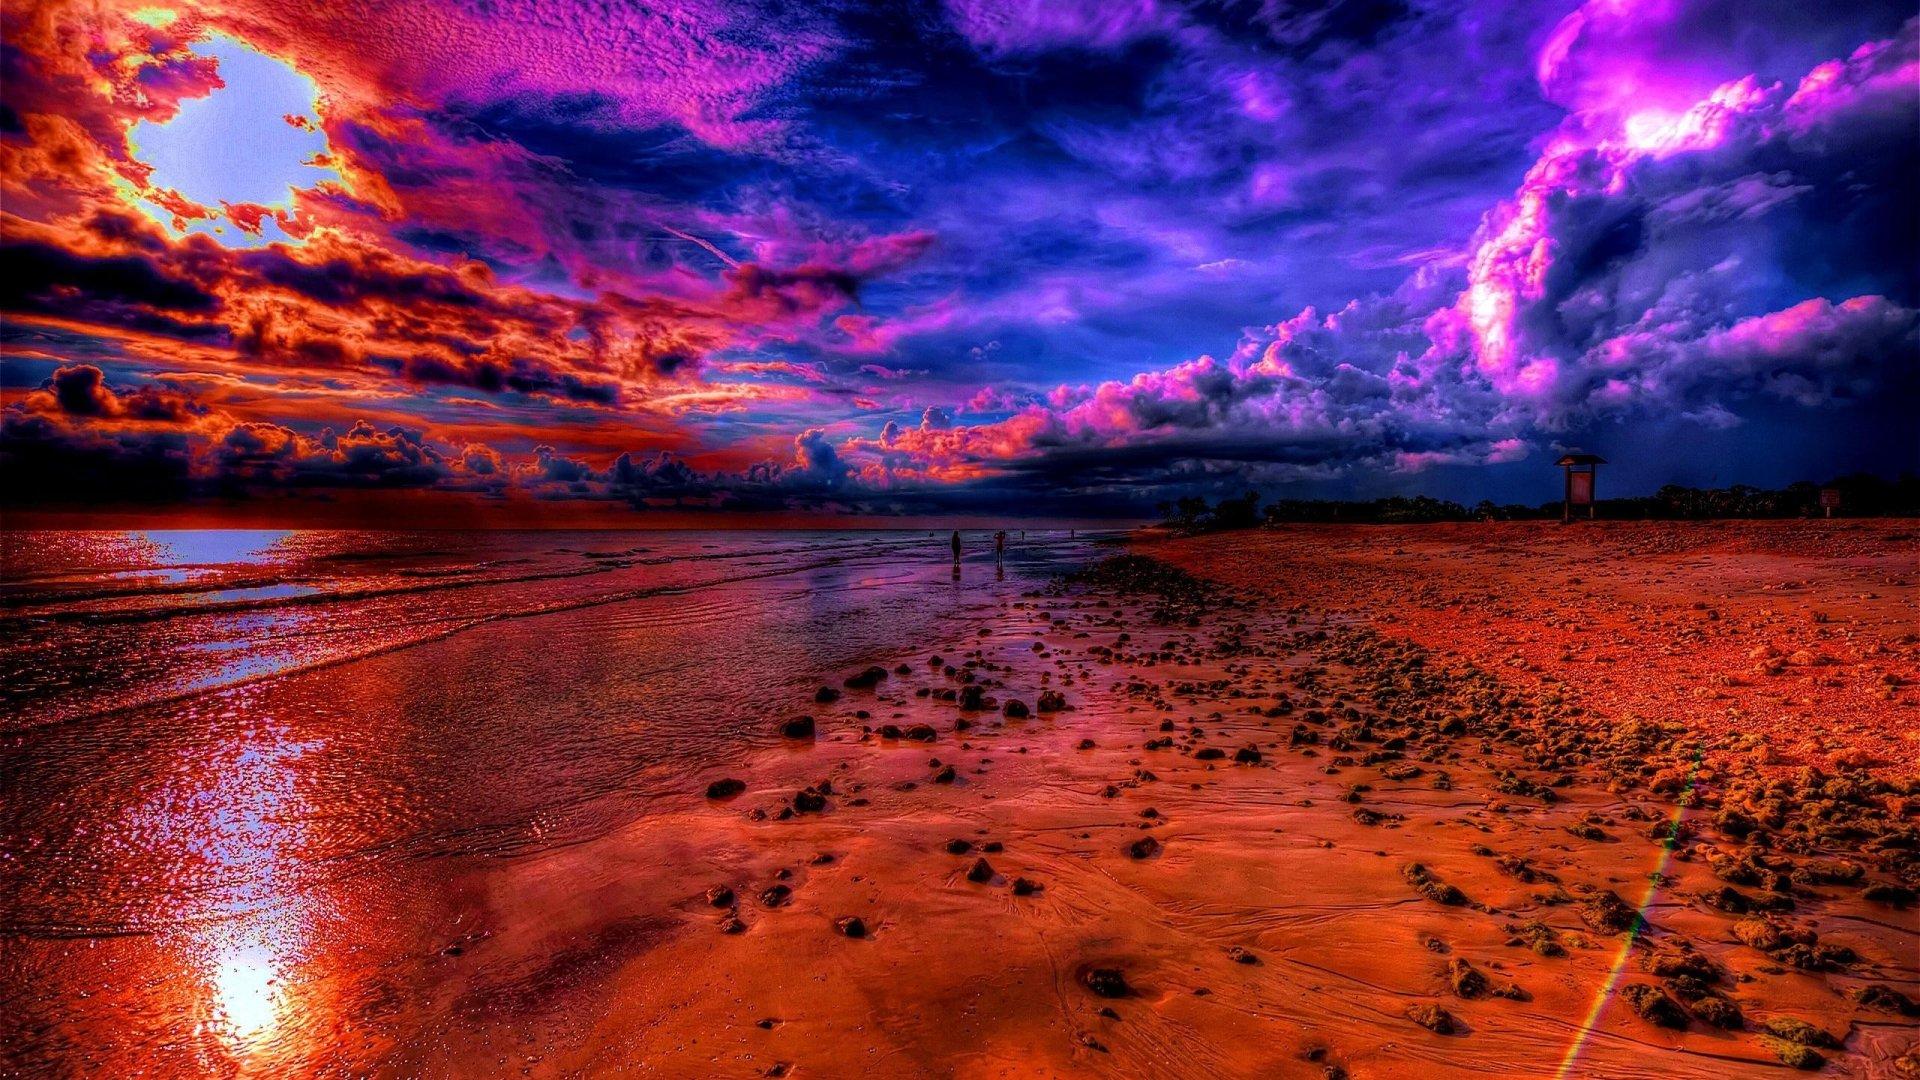 Photographie - Plage  Terre/Nature Ciel Coucher De Soleil Bleu Orange Océan Horizon Imagerie à Grande Gamme Dynamique Fond d'écran